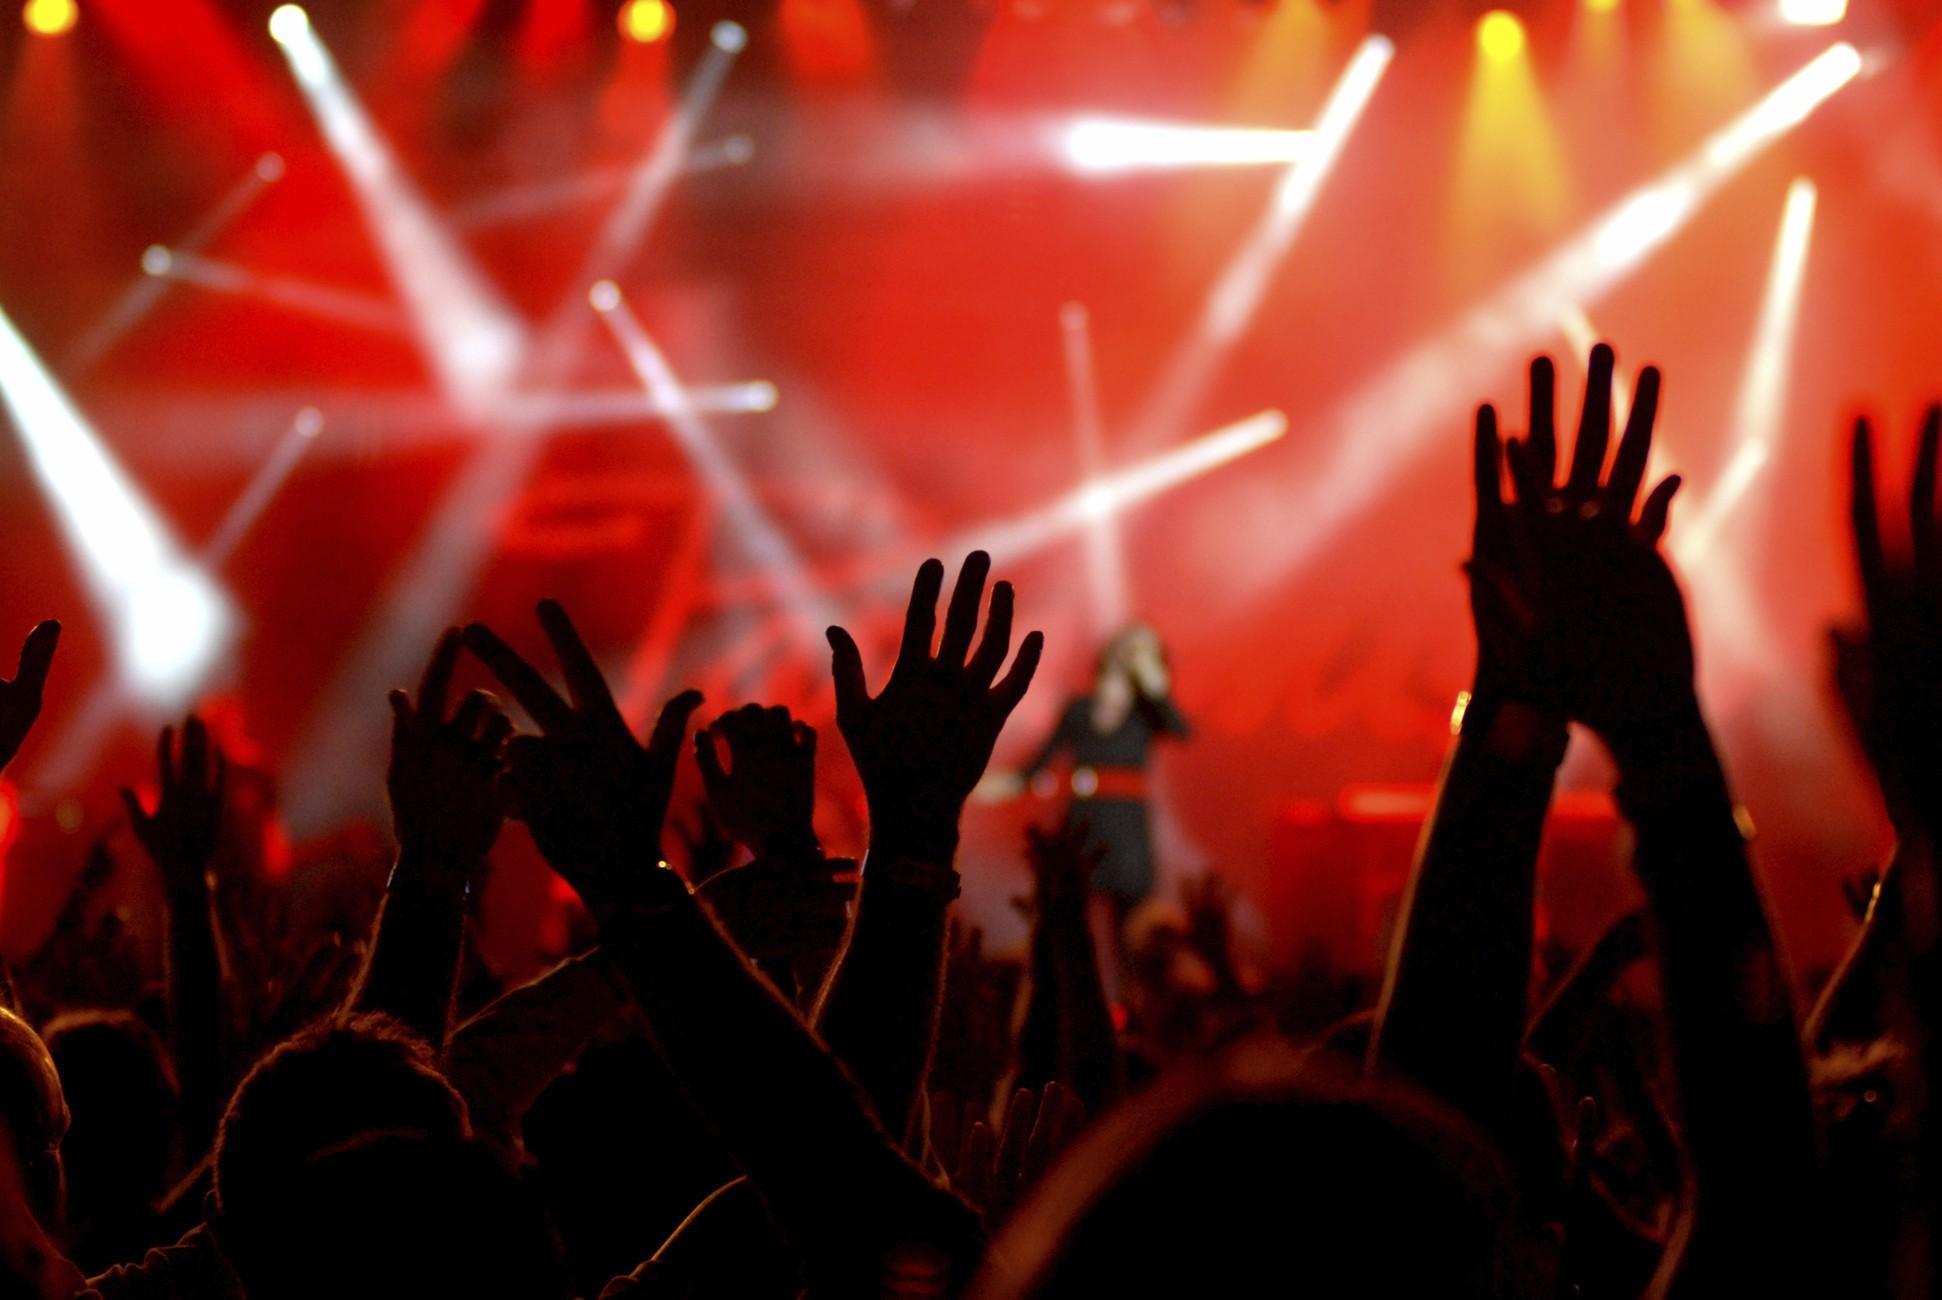 В Кишиневе под патронатом президента пройдет грандиозный концерт для молодежи (ФОТО)